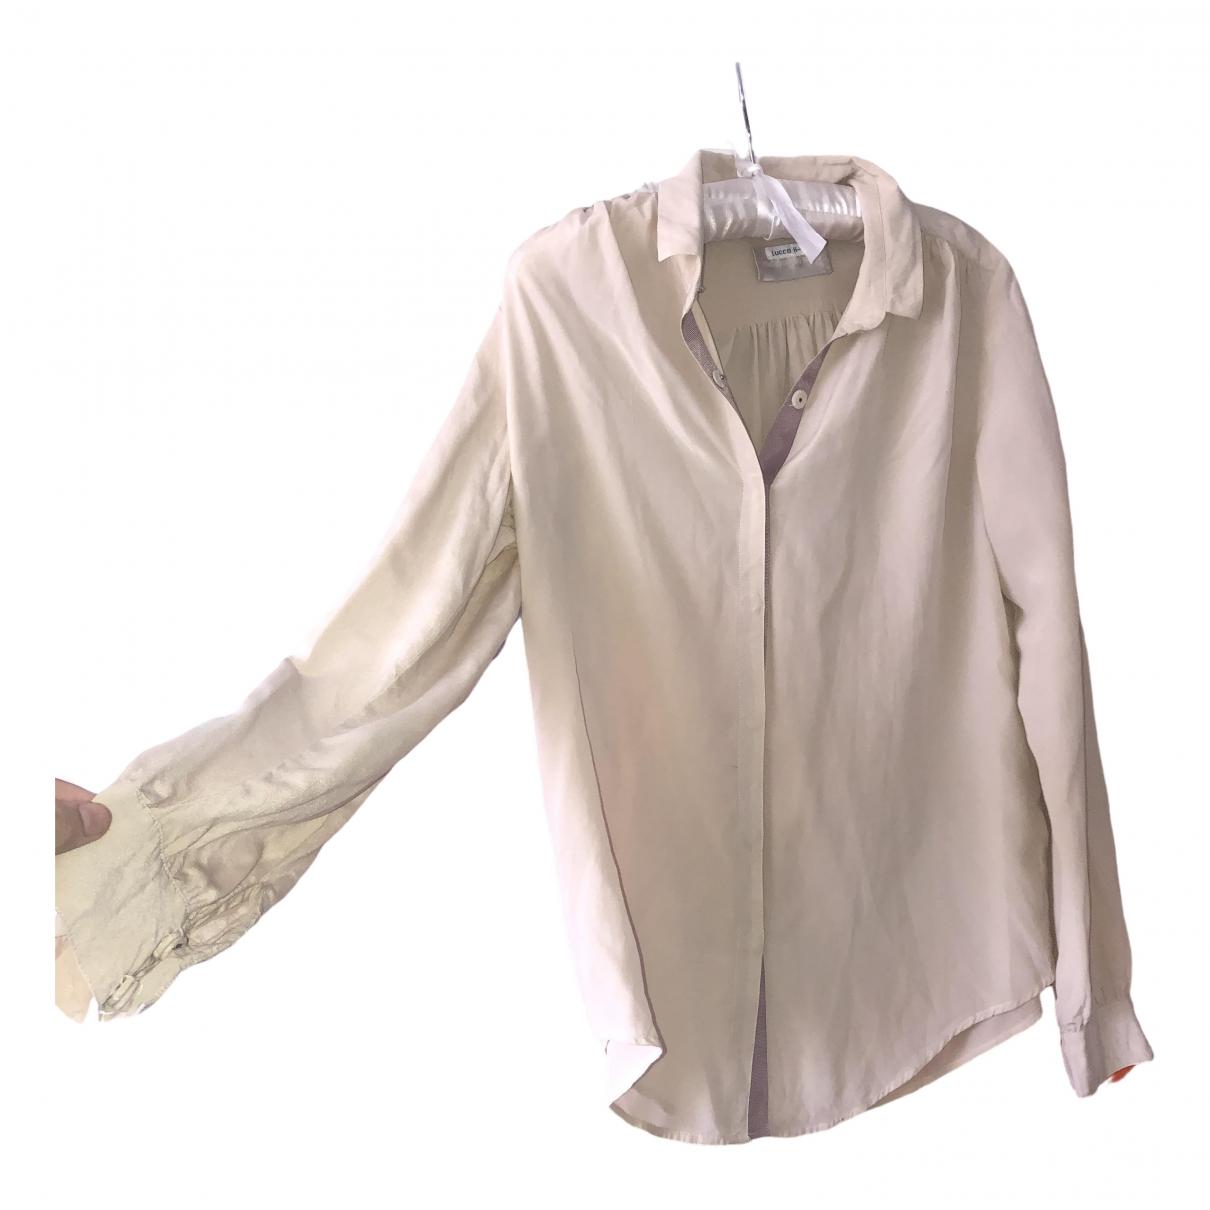 Zadig & Voltaire \N Beige Silk  top for Women S International